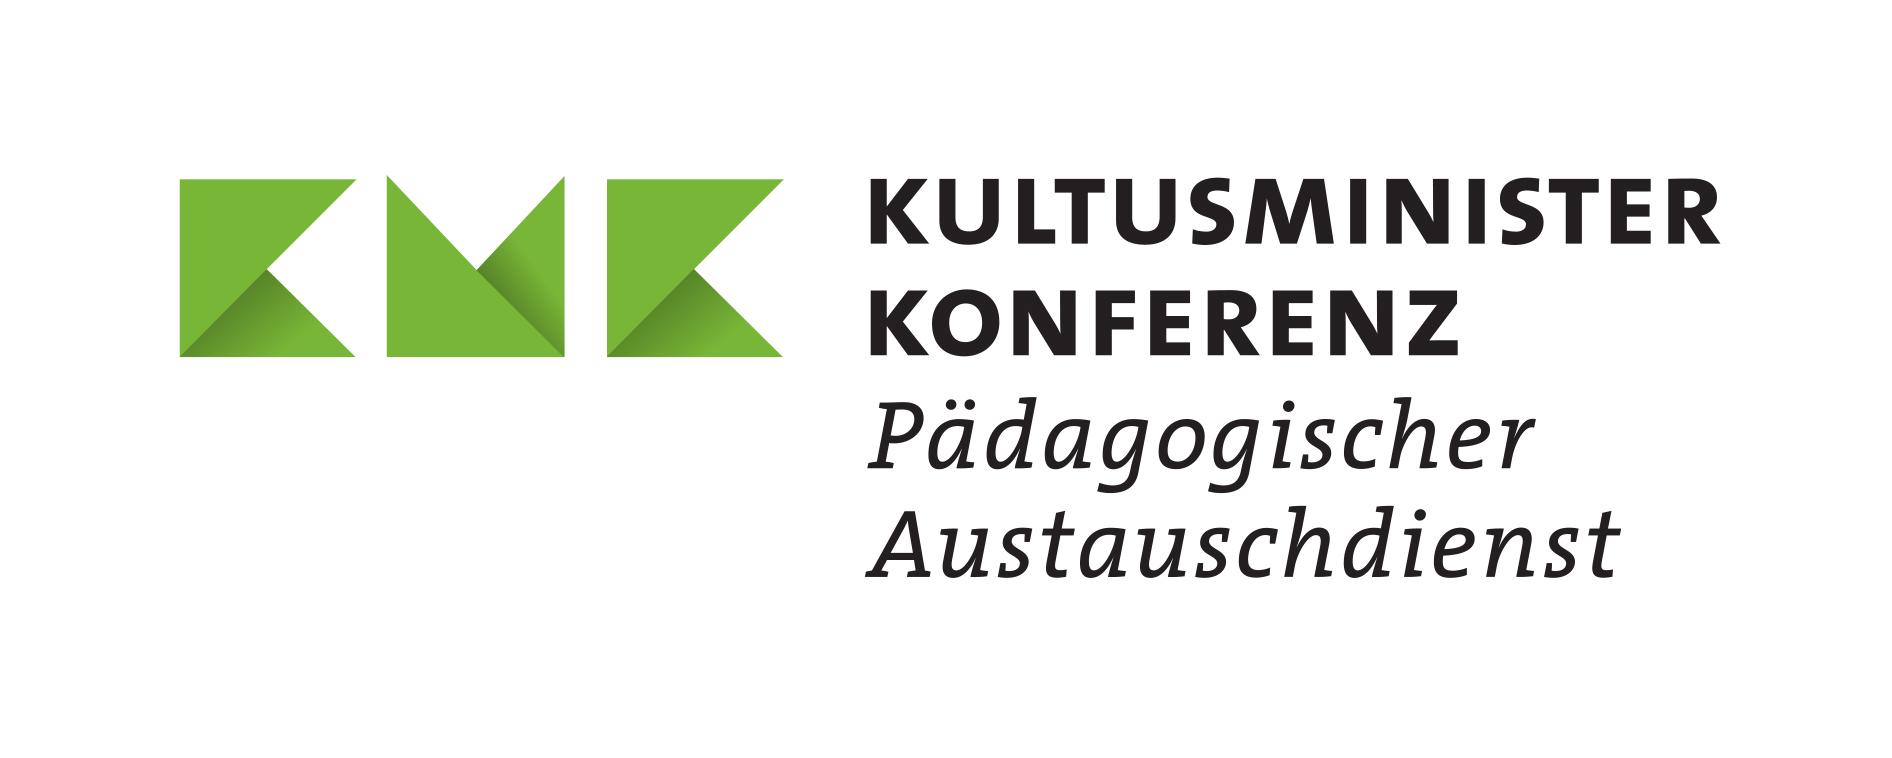 Kultusminister Konferenz